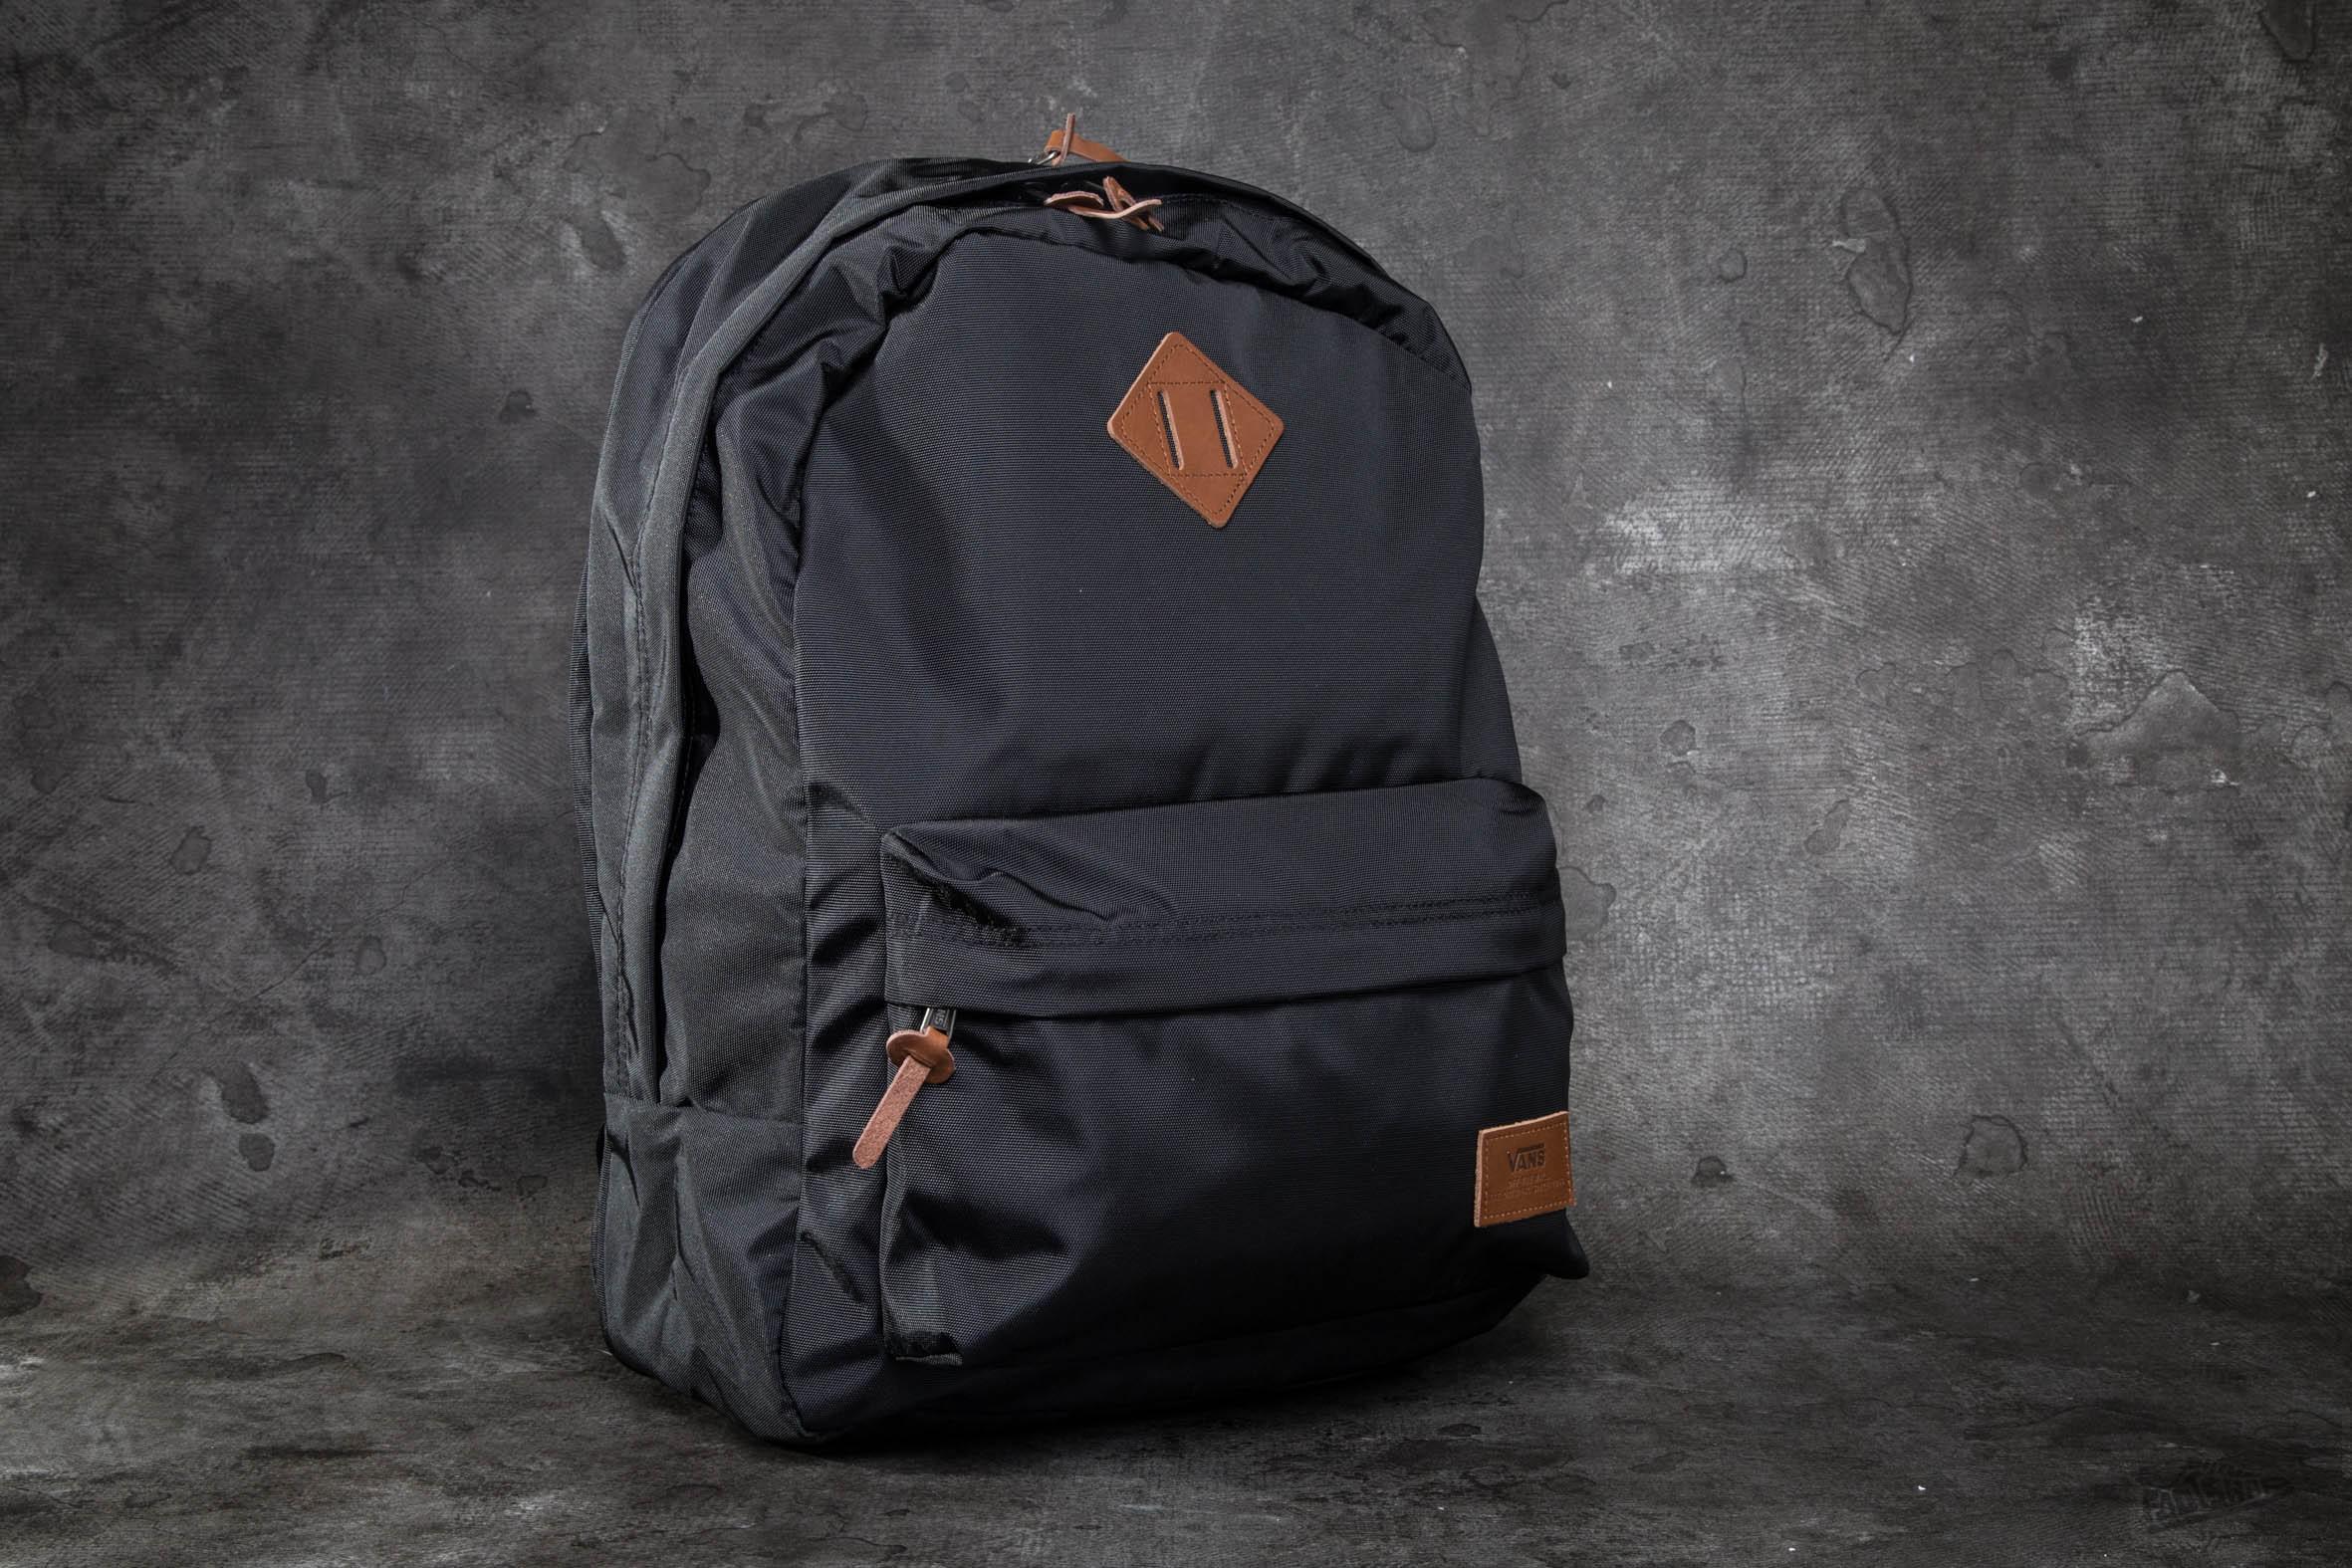 7b8bb5c84de Vans Old Skool Plus Backpack True Black in Black for Men - Lyst